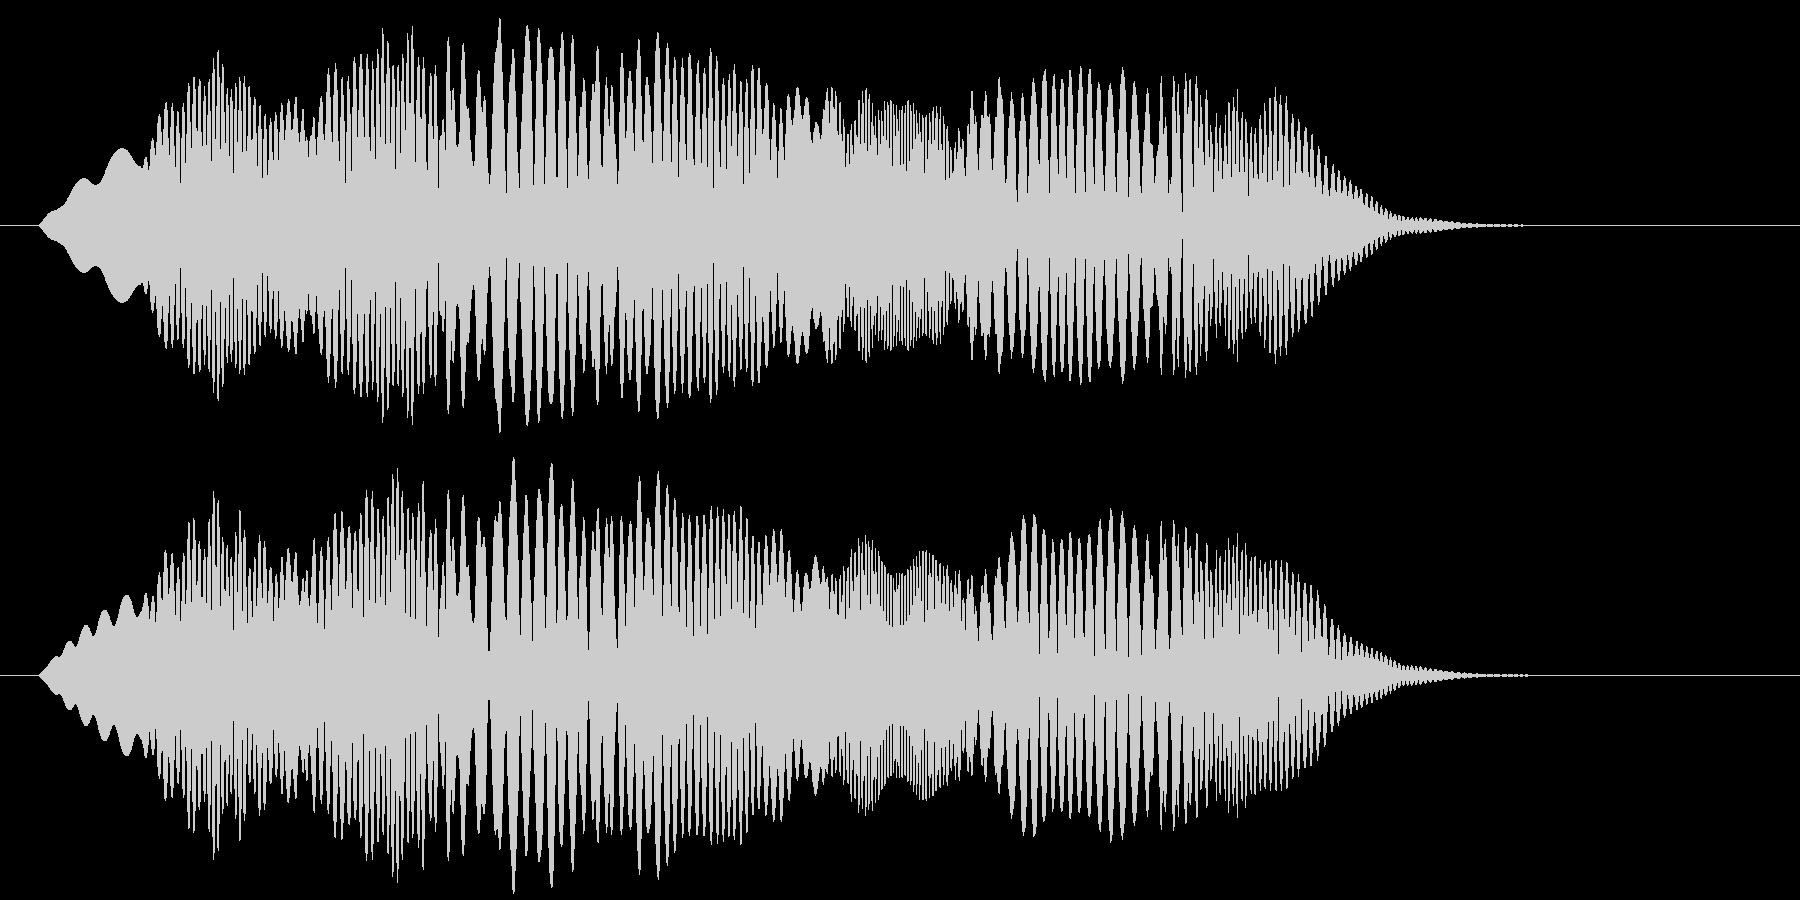 ヒヨヒヨ(コミカル・混乱・ゲームオーバ)の未再生の波形